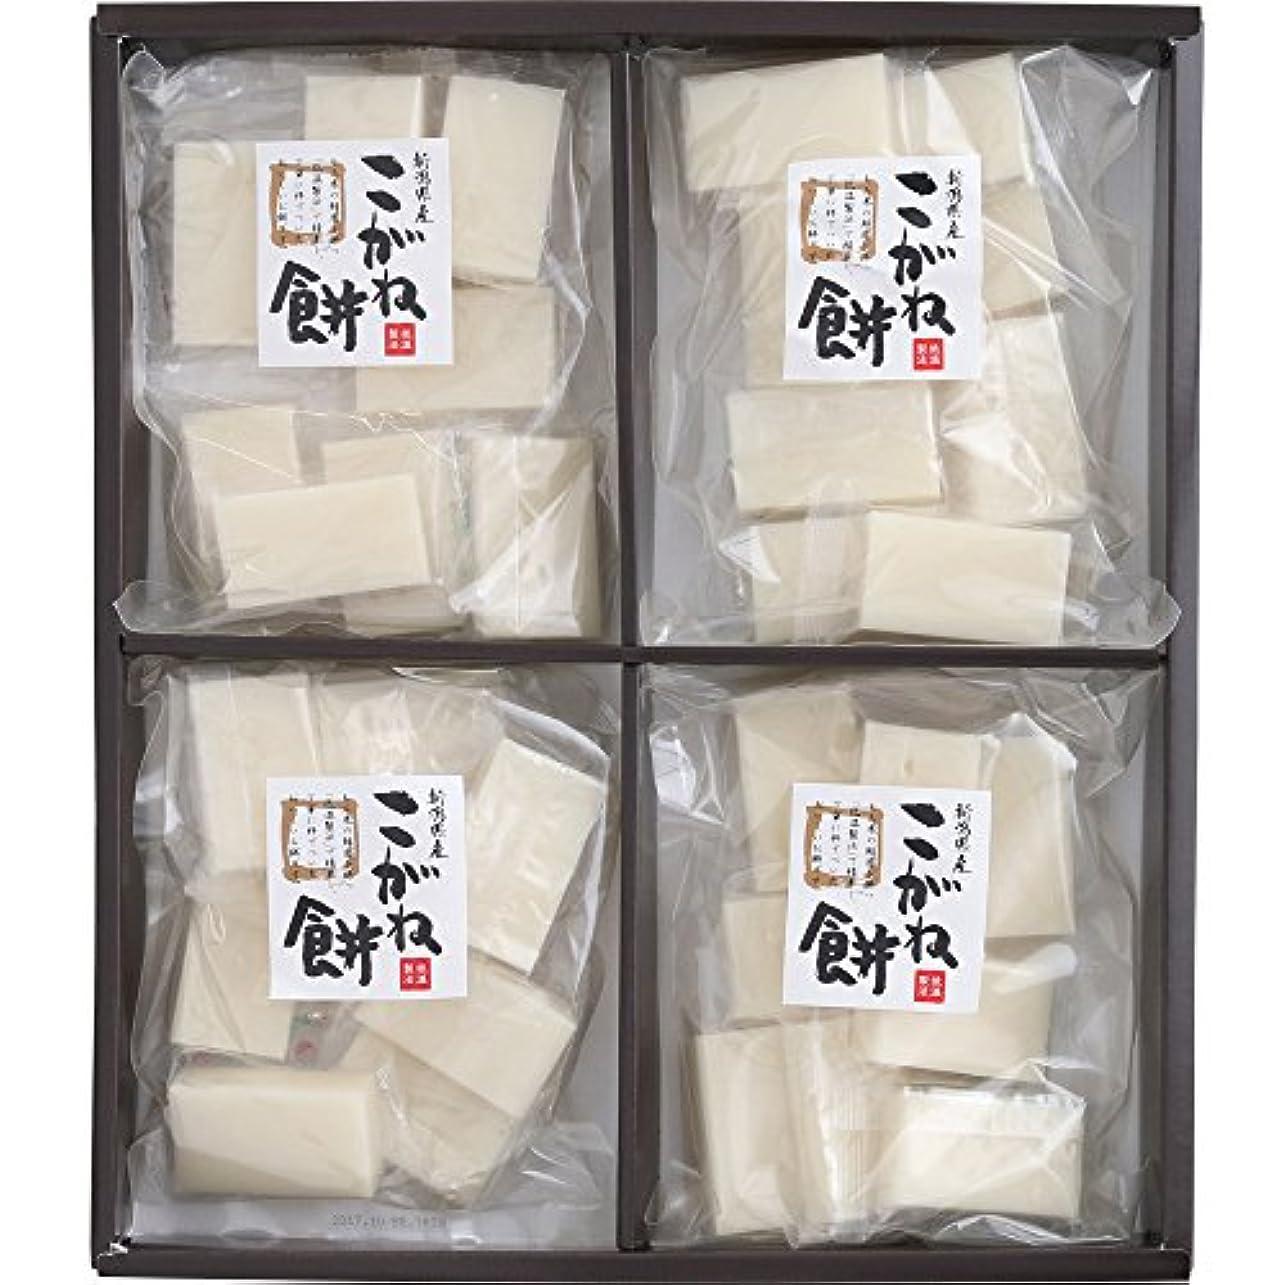 ほぼ一掃する夕暮れ餅 こがねもちの生きりもち ギフトセット 新潟県産 1.6kg(400g×4)